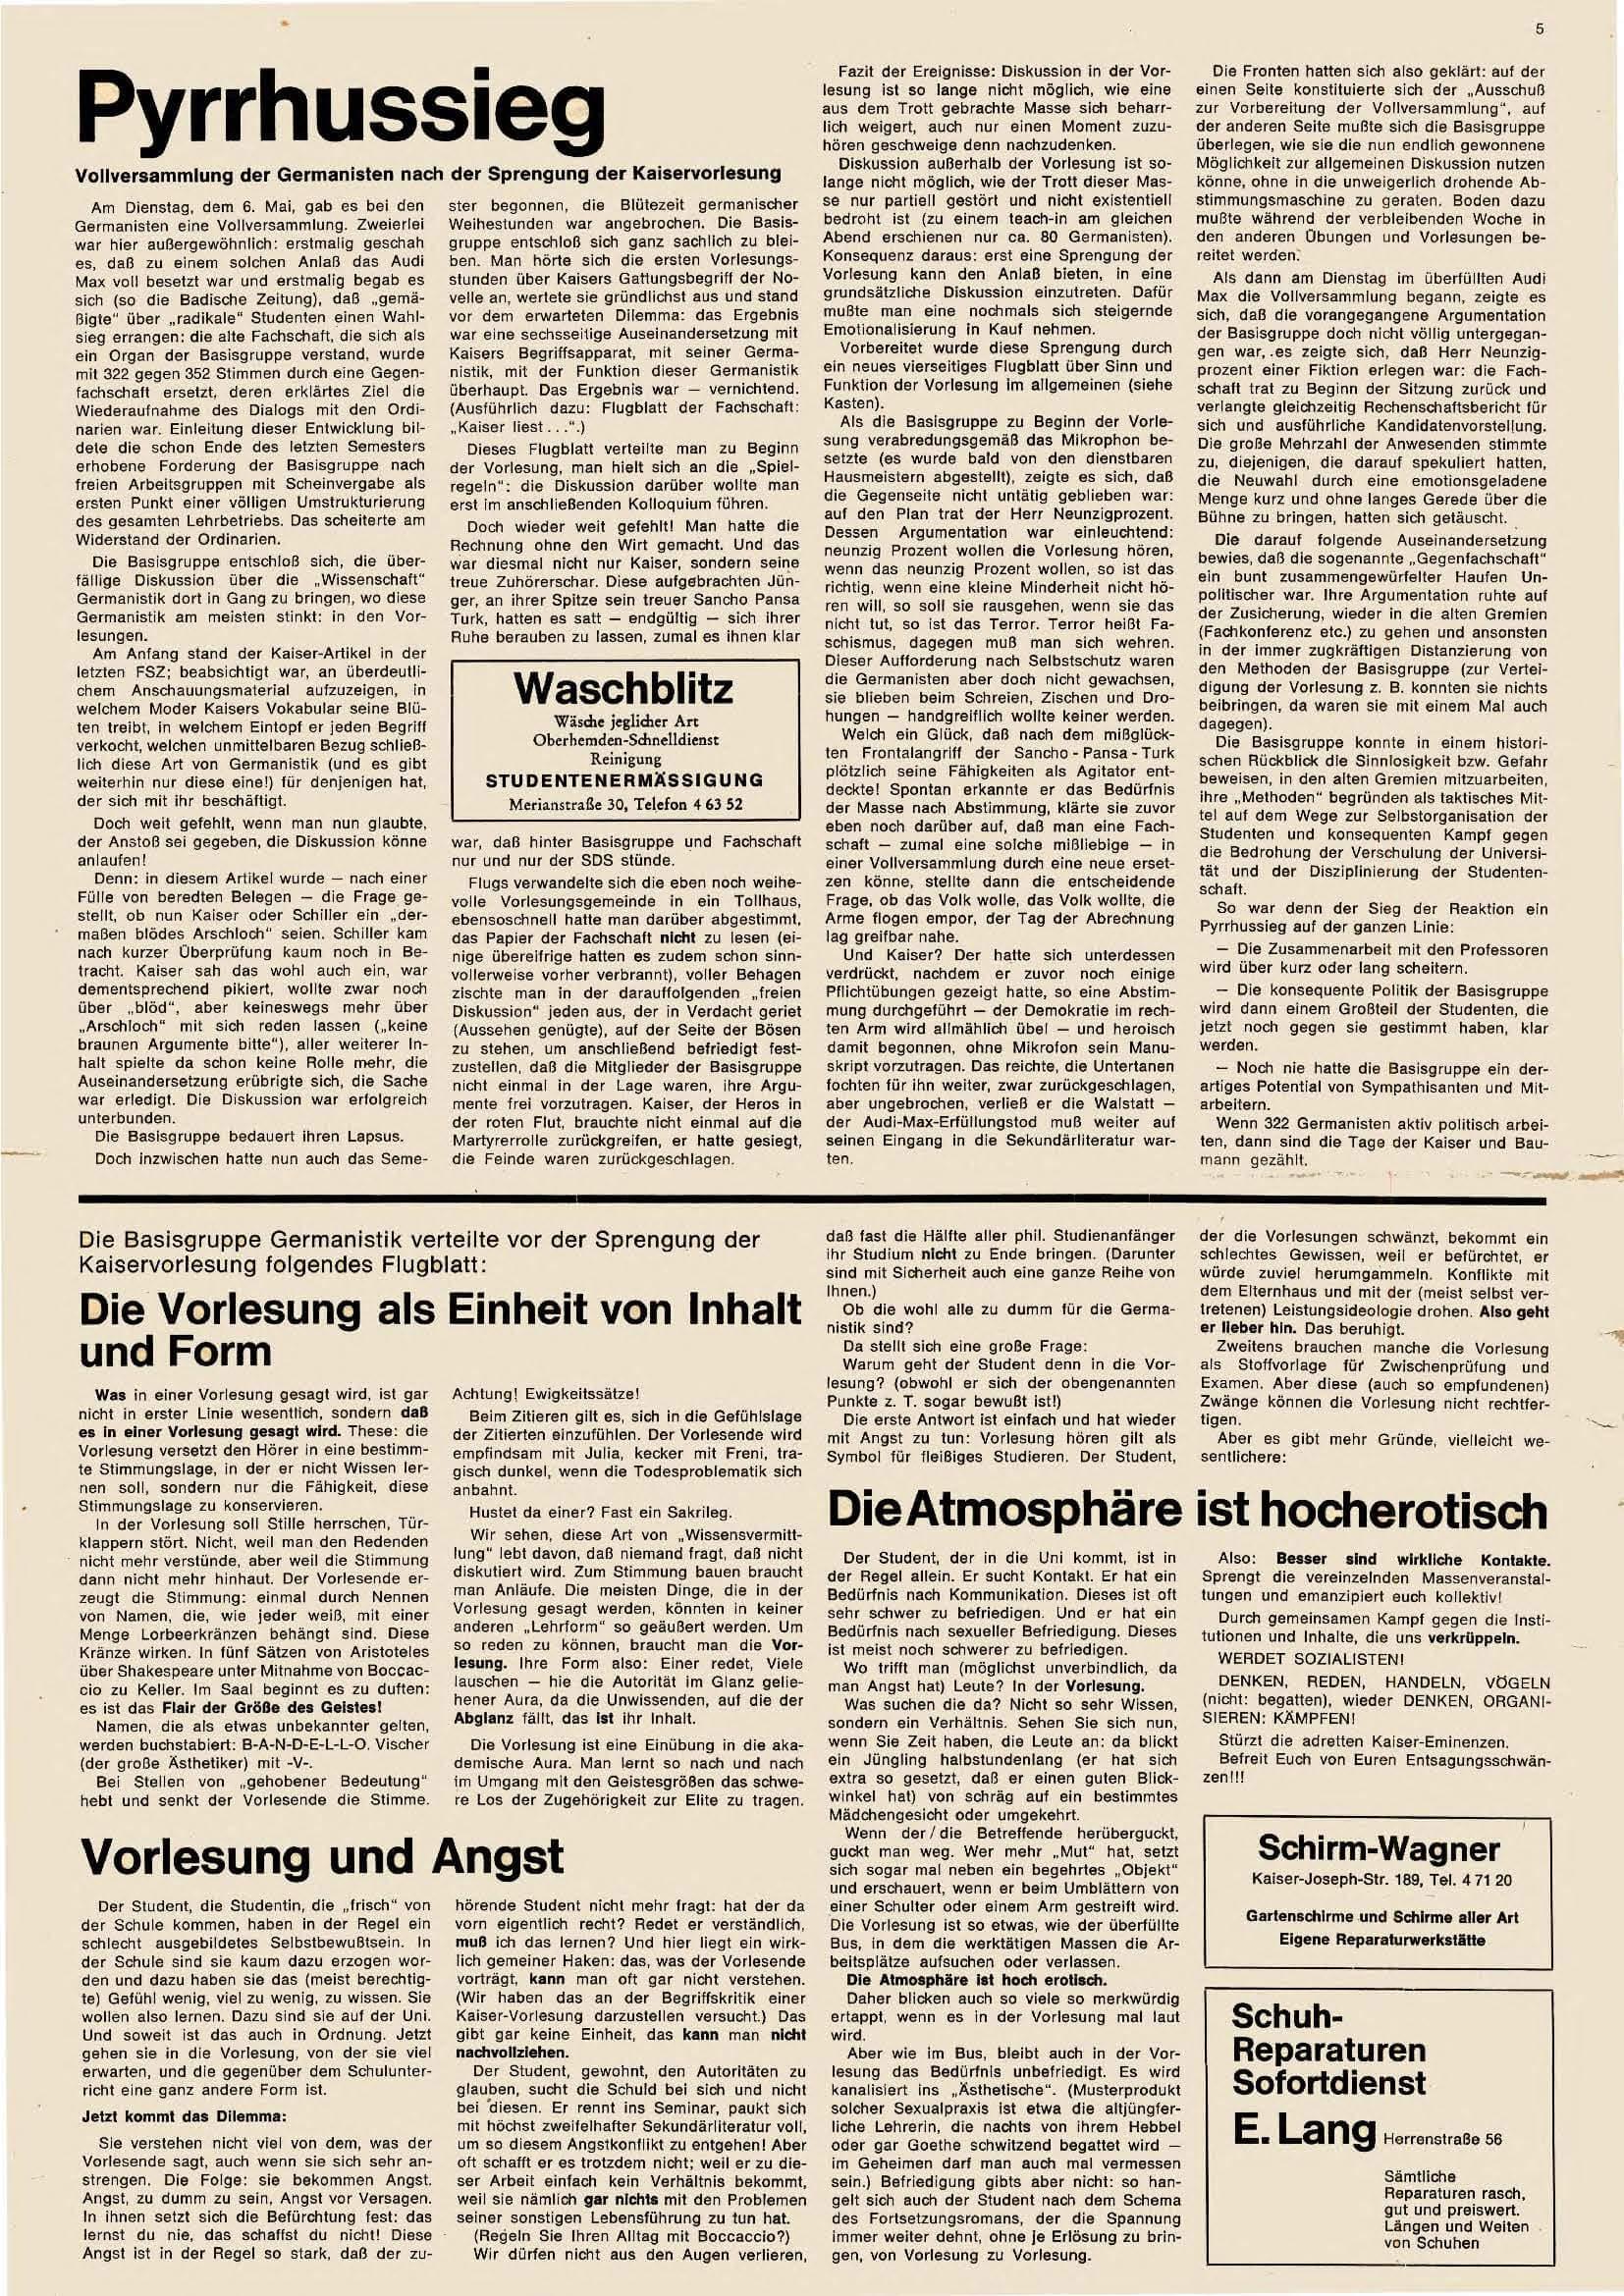 FSZ Nr.4, Mai 1969, o.V., Pyrrhussieg. Vollversammlung der Germanisten nach der Sprengung der Kaiservorlesung, S. 5.